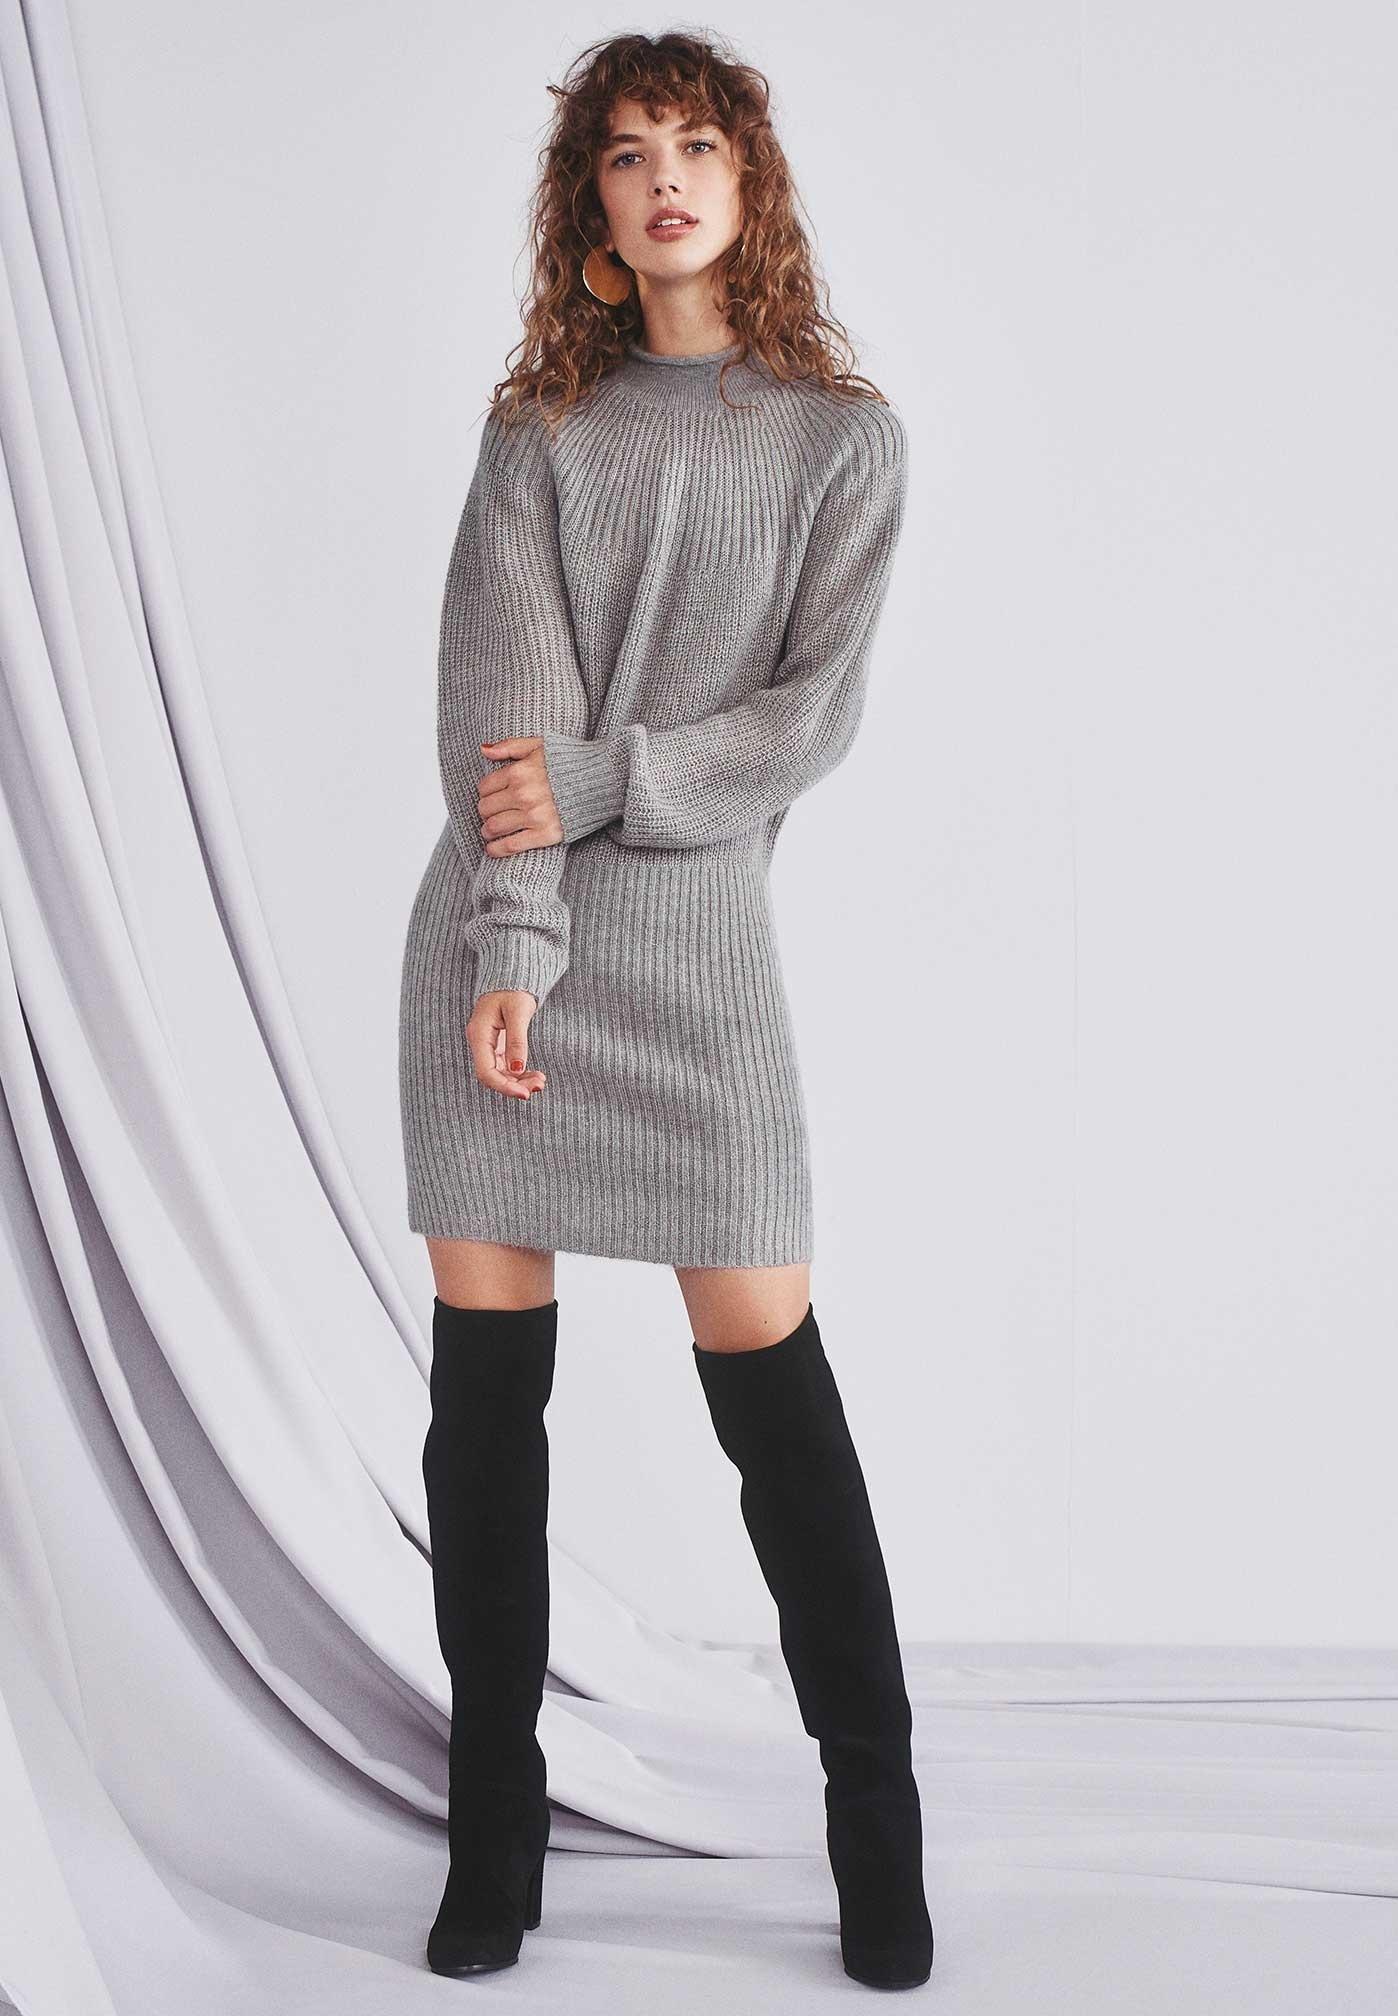 Einzigartig Schlichte Kurze Kleider SpezialgebietDesigner Fantastisch Schlichte Kurze Kleider Bester Preis